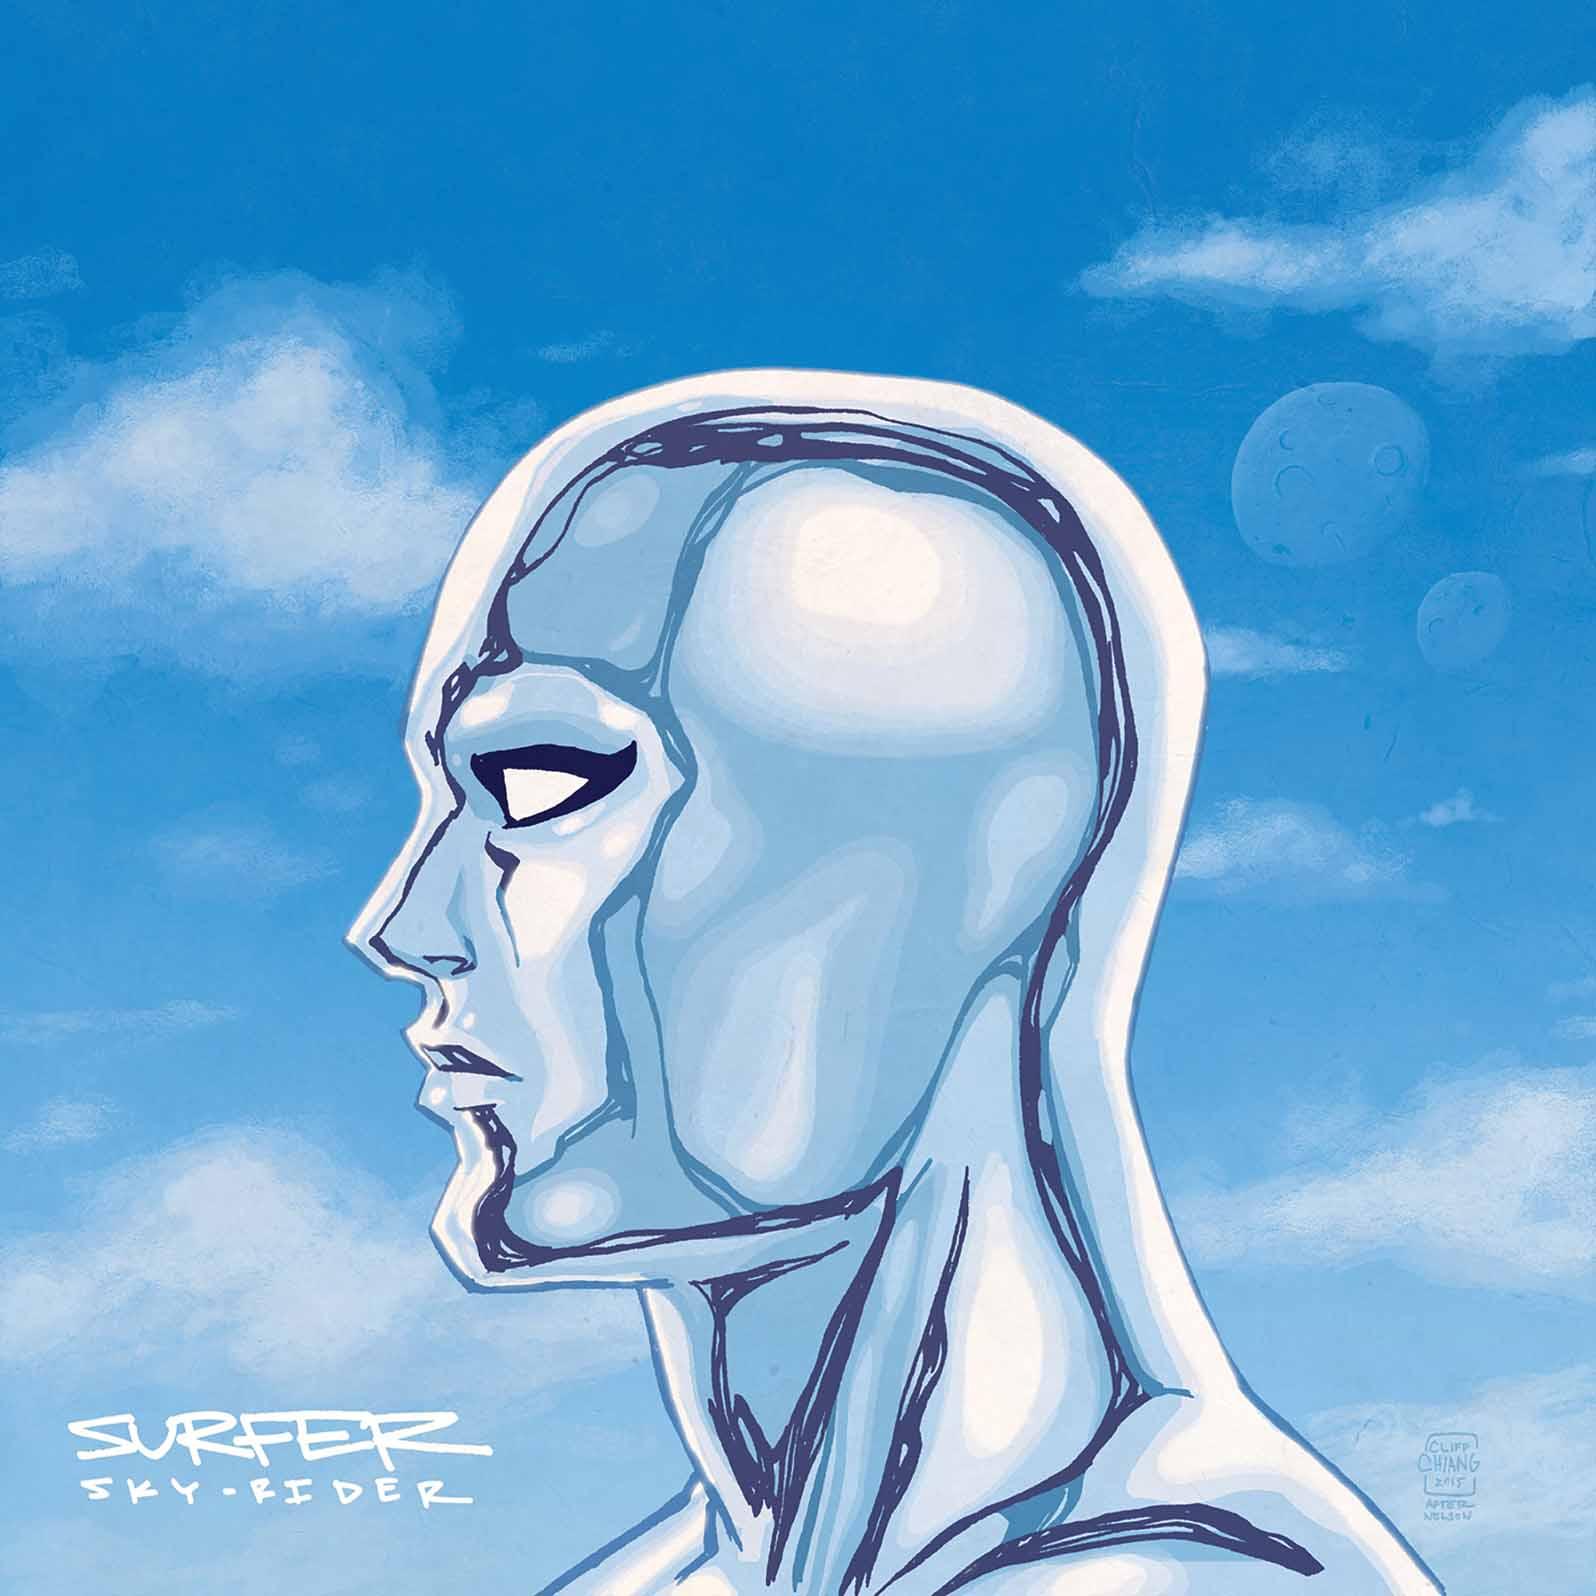 Silver_Surfer_Hip-Hop_Var